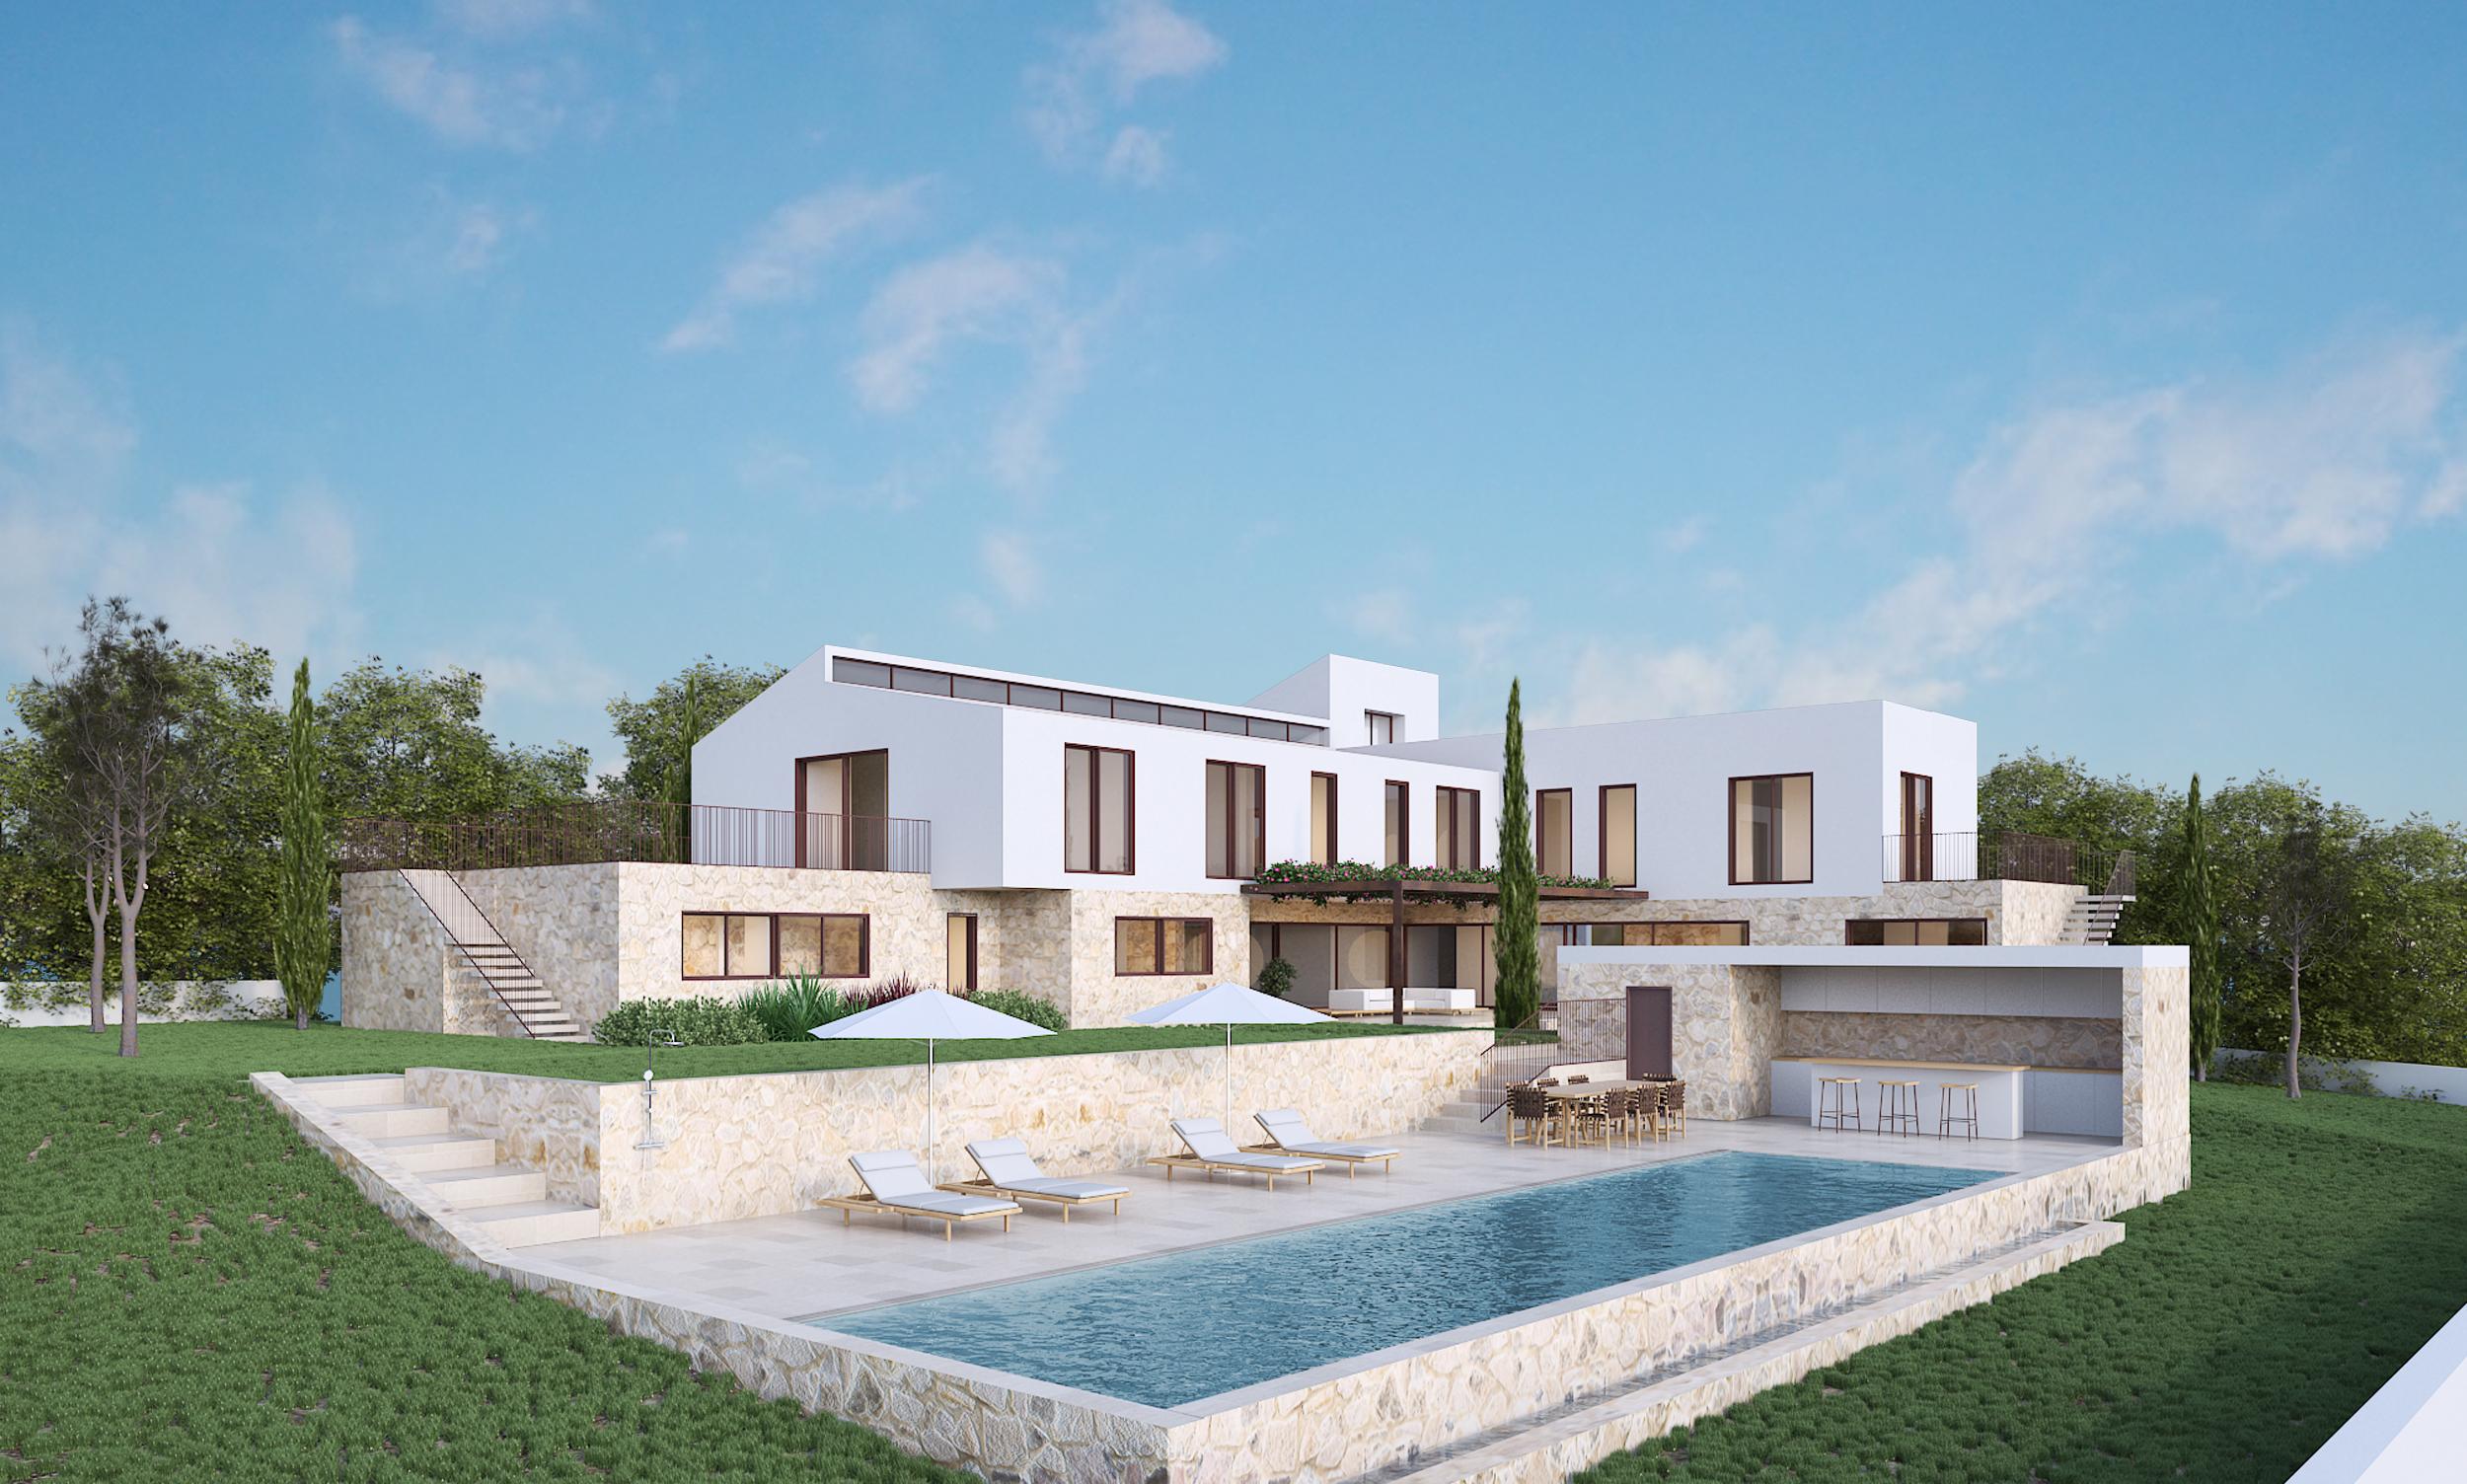 Vivienda unifamiliar con jardines Mallorca